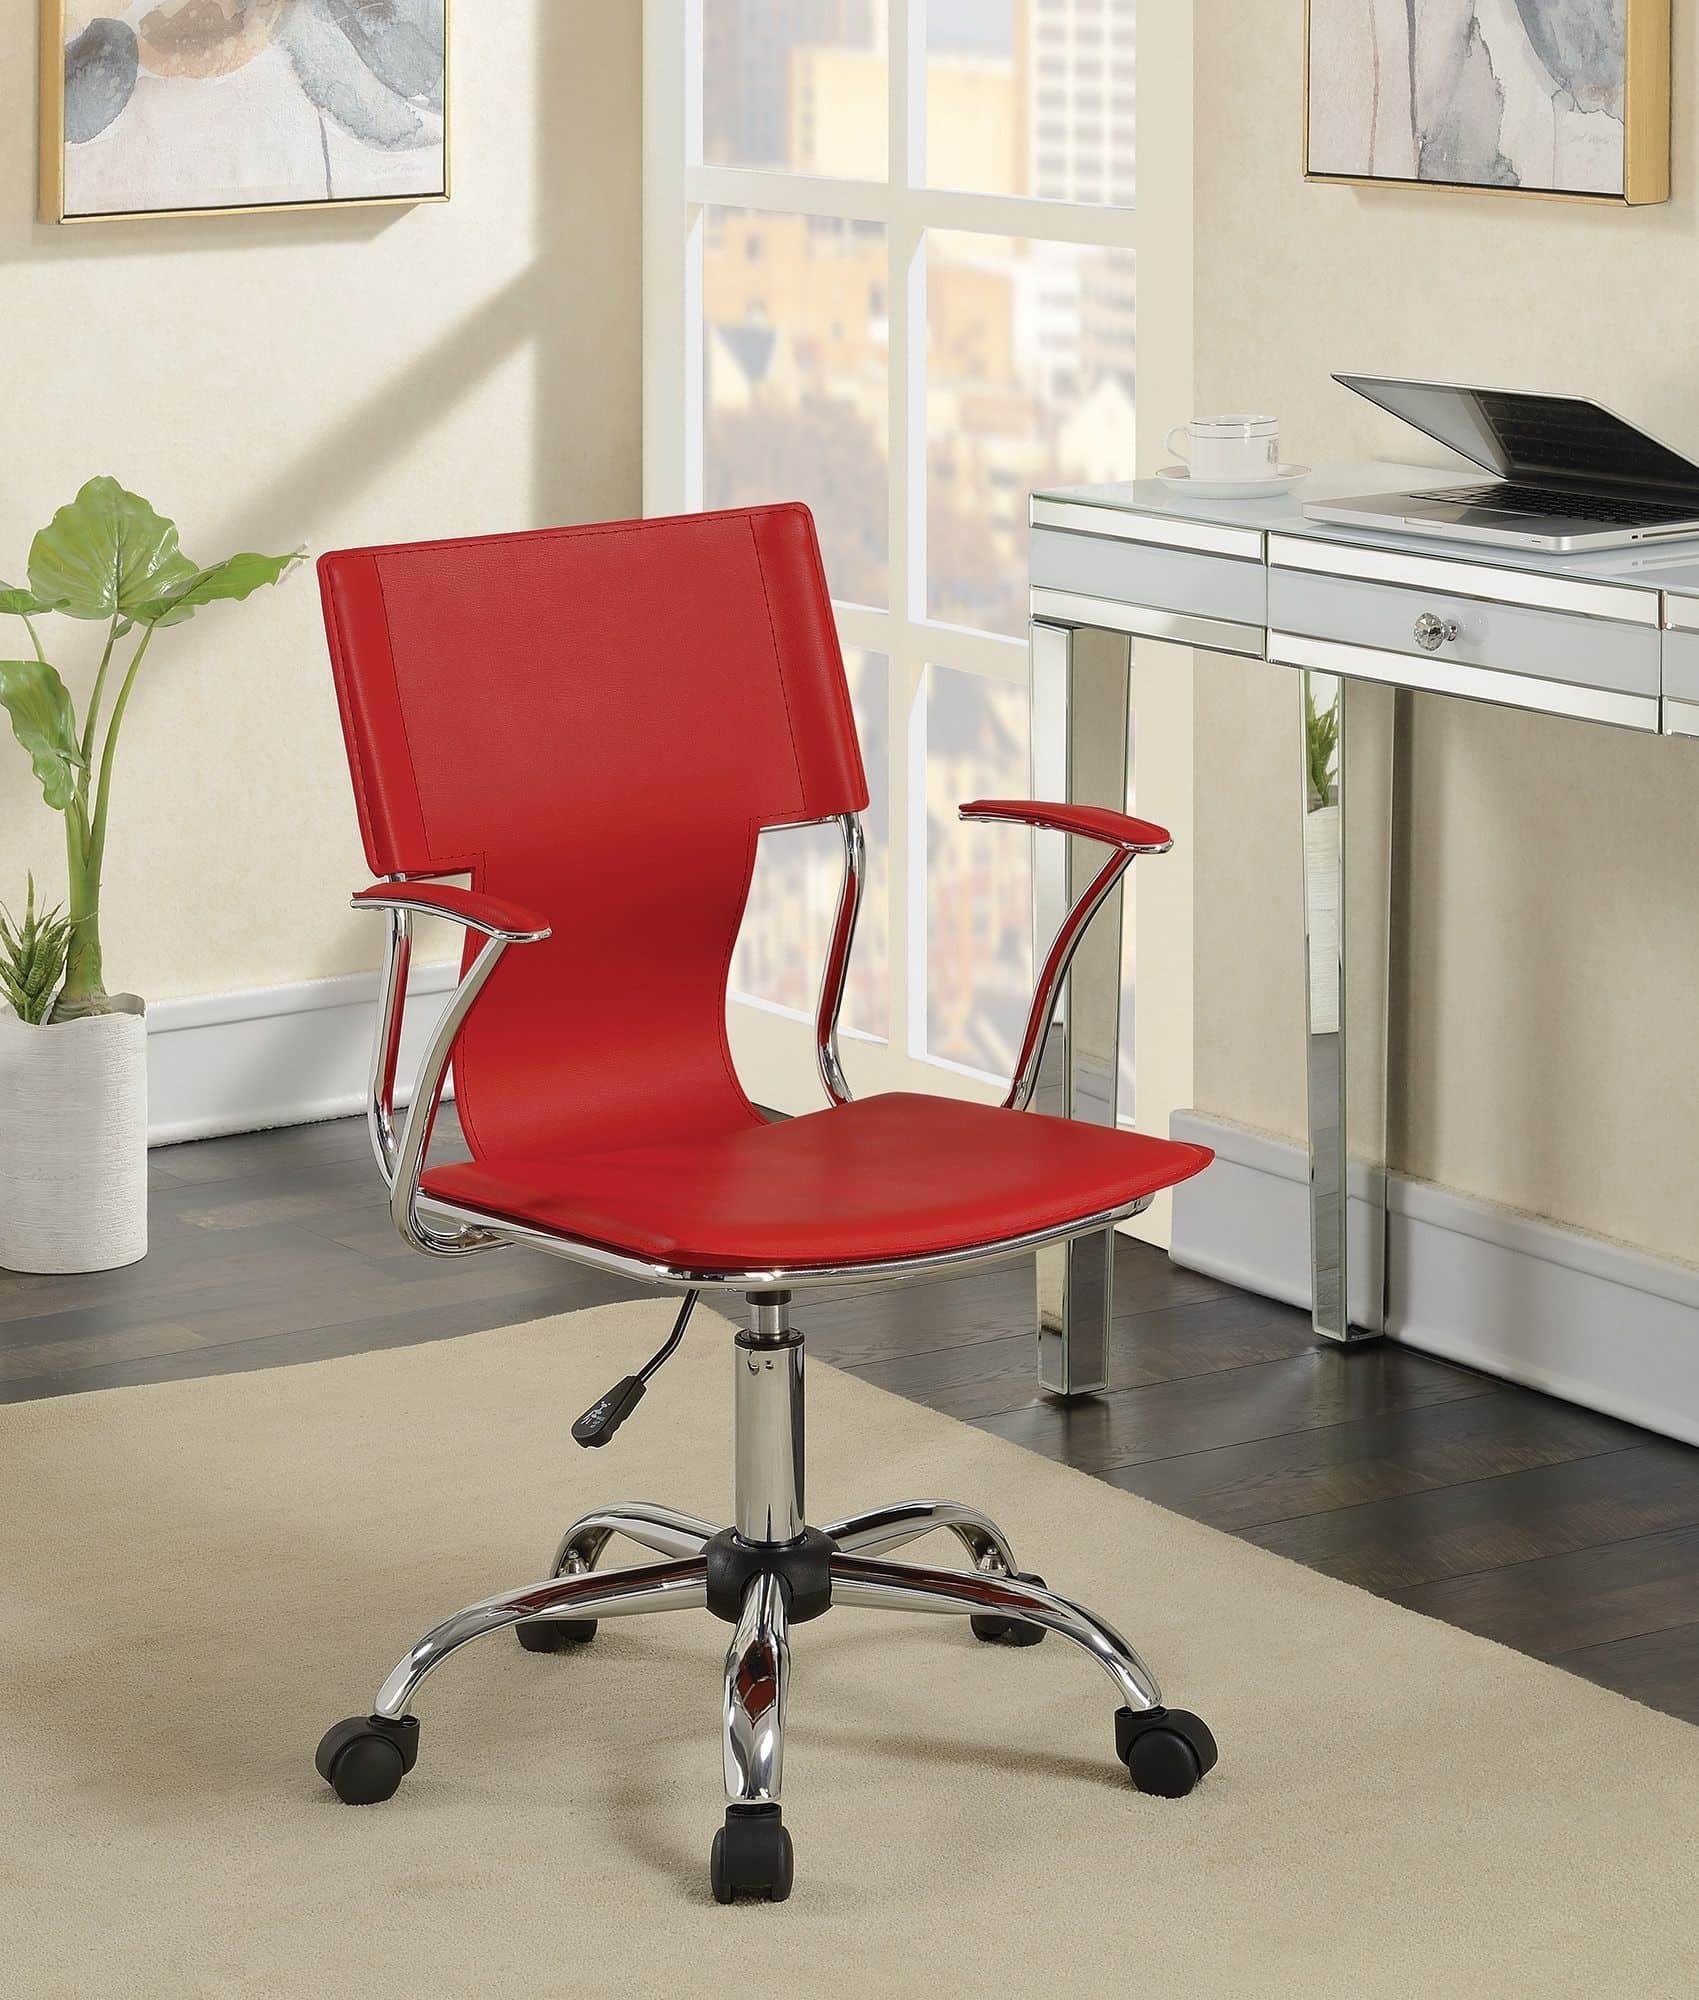 Home shop furniture bookcases desks